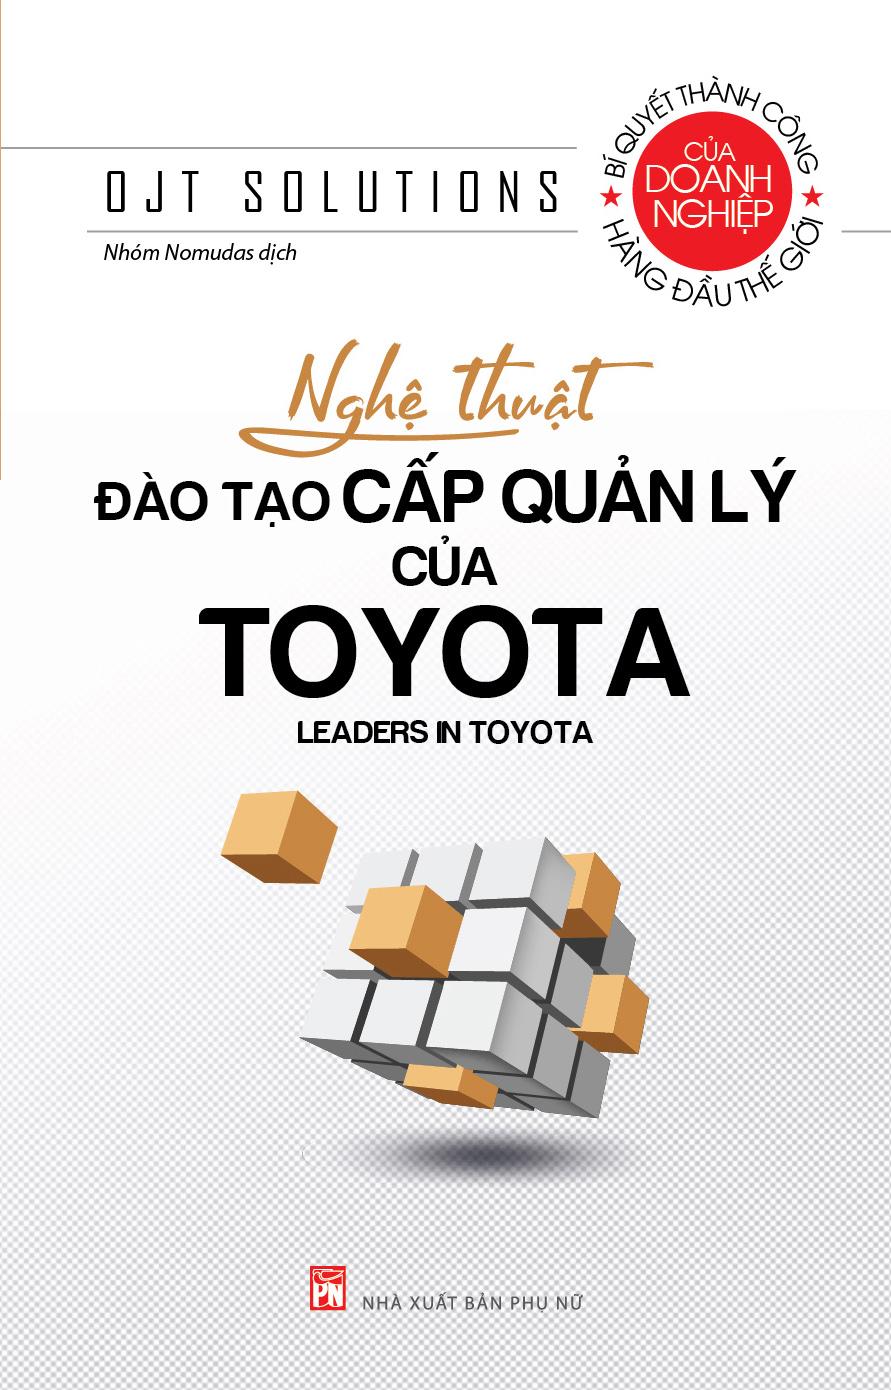 Nghệ thuật đào tạo cấp quản lý của Toyota - Nhà Xuất Bản Phụ Nữ